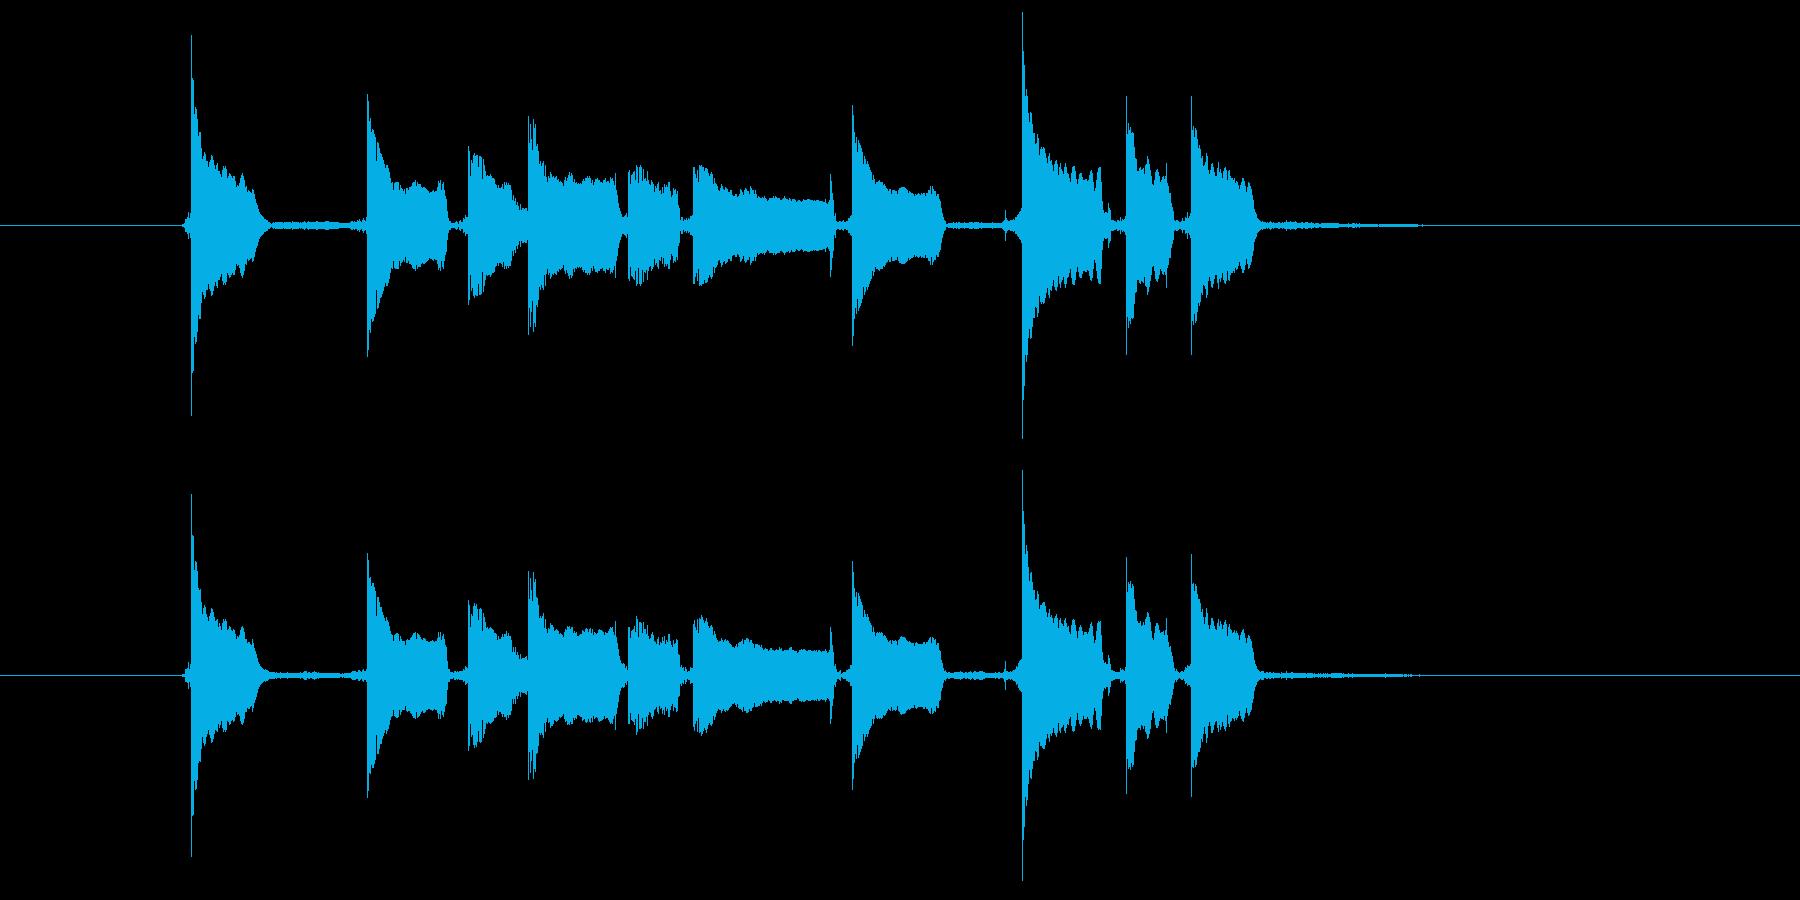 エレキギターのひょうきんフレーズの再生済みの波形